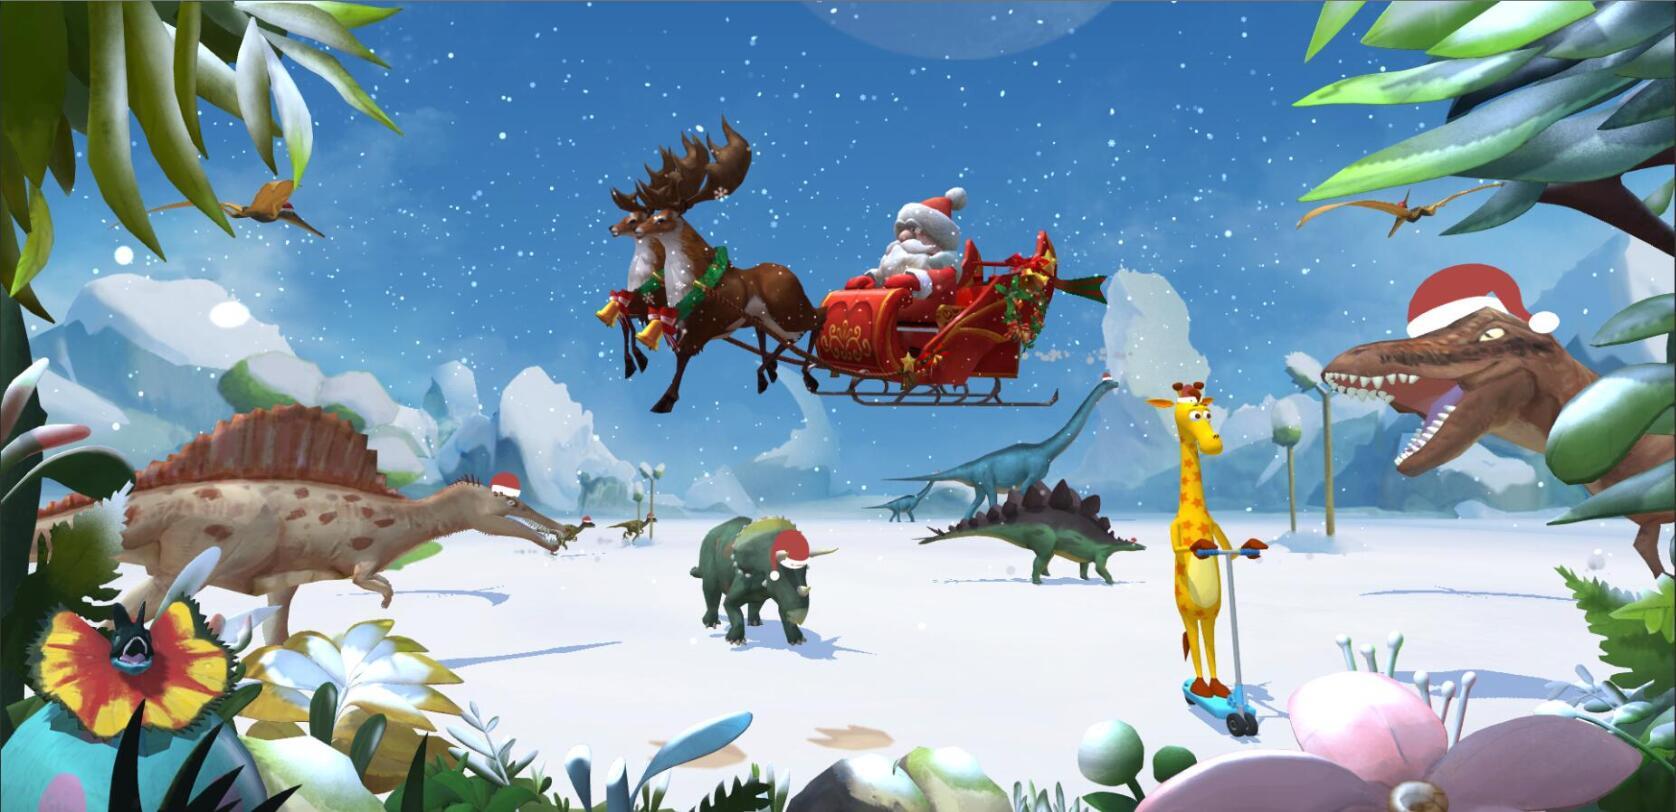 聖誕大搞作:恐龍們和聖誕雪人親子手工陪你過聖誕!